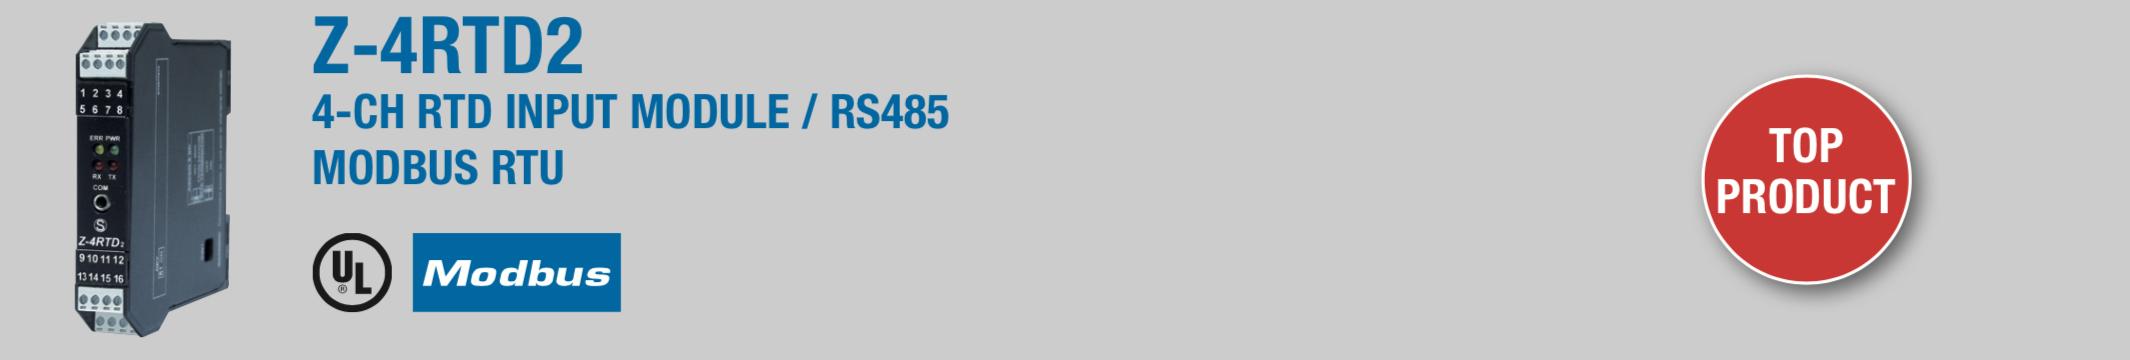 bộ chuyển đổi Pt100 ra modbus rtu Rs 485